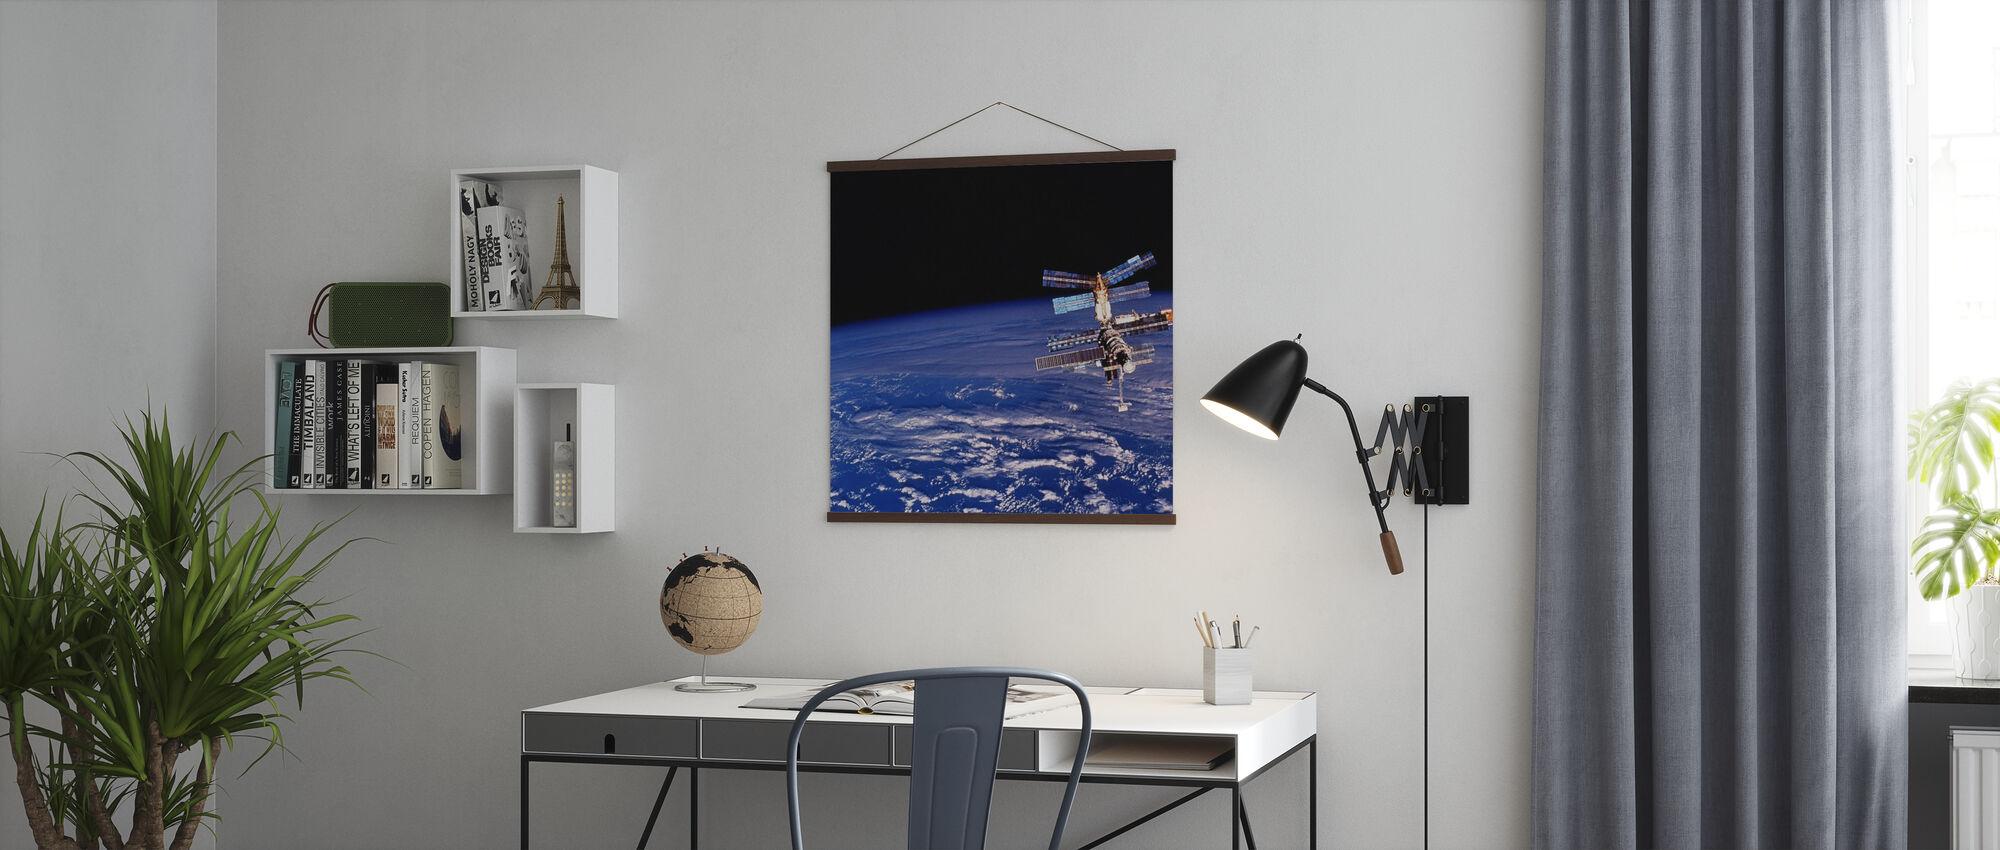 Mirin avaruusasema - Juliste - Toimisto